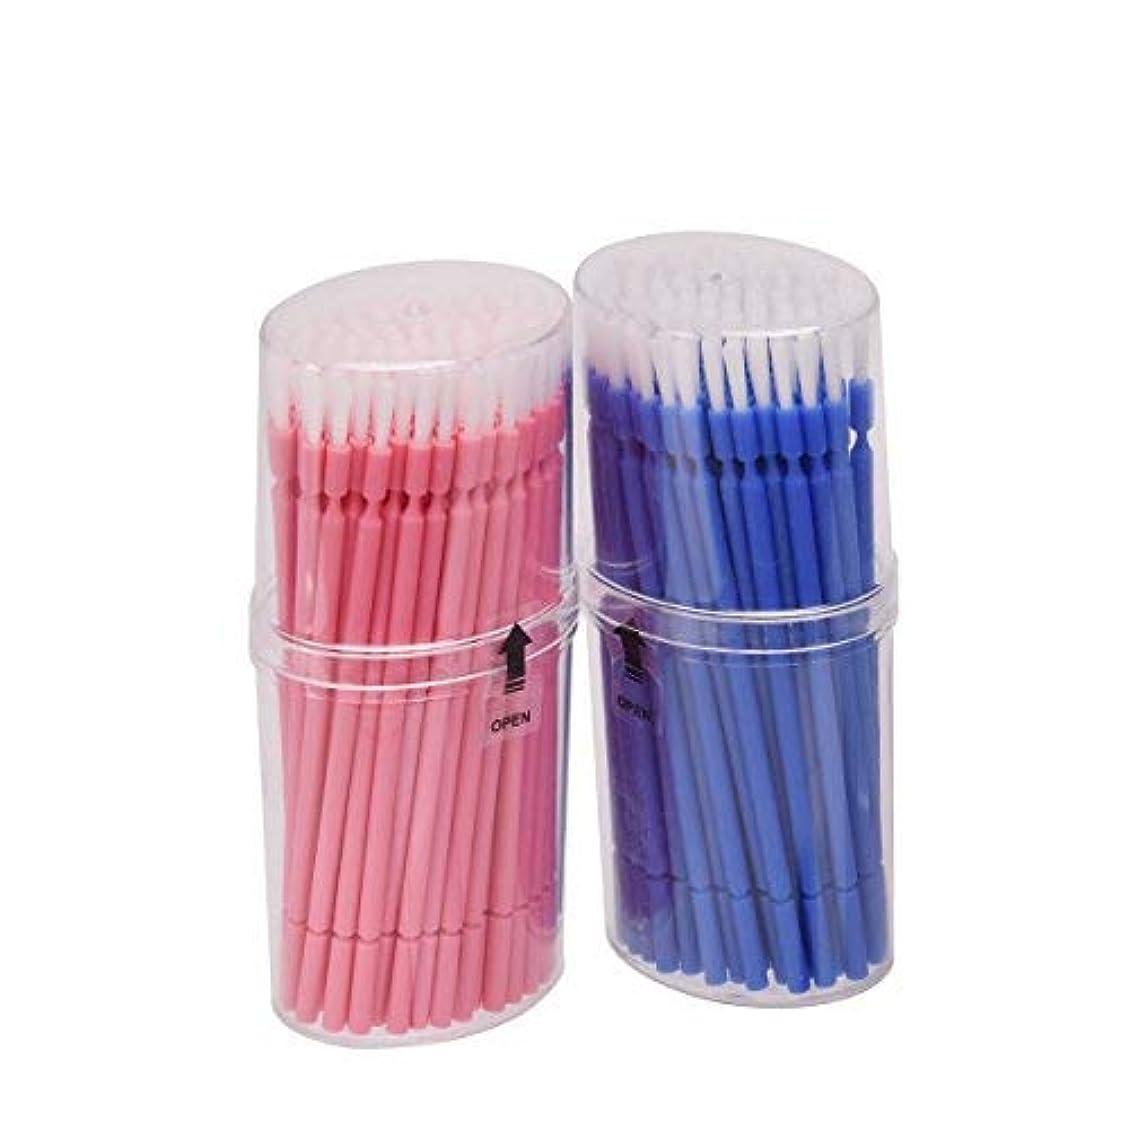 利益敵愛情マイクブラシ 歯科ブラシ 精密機器の細部の清掃など 幅広く使える 使い捨て 4 * 100=400本入り Annhua